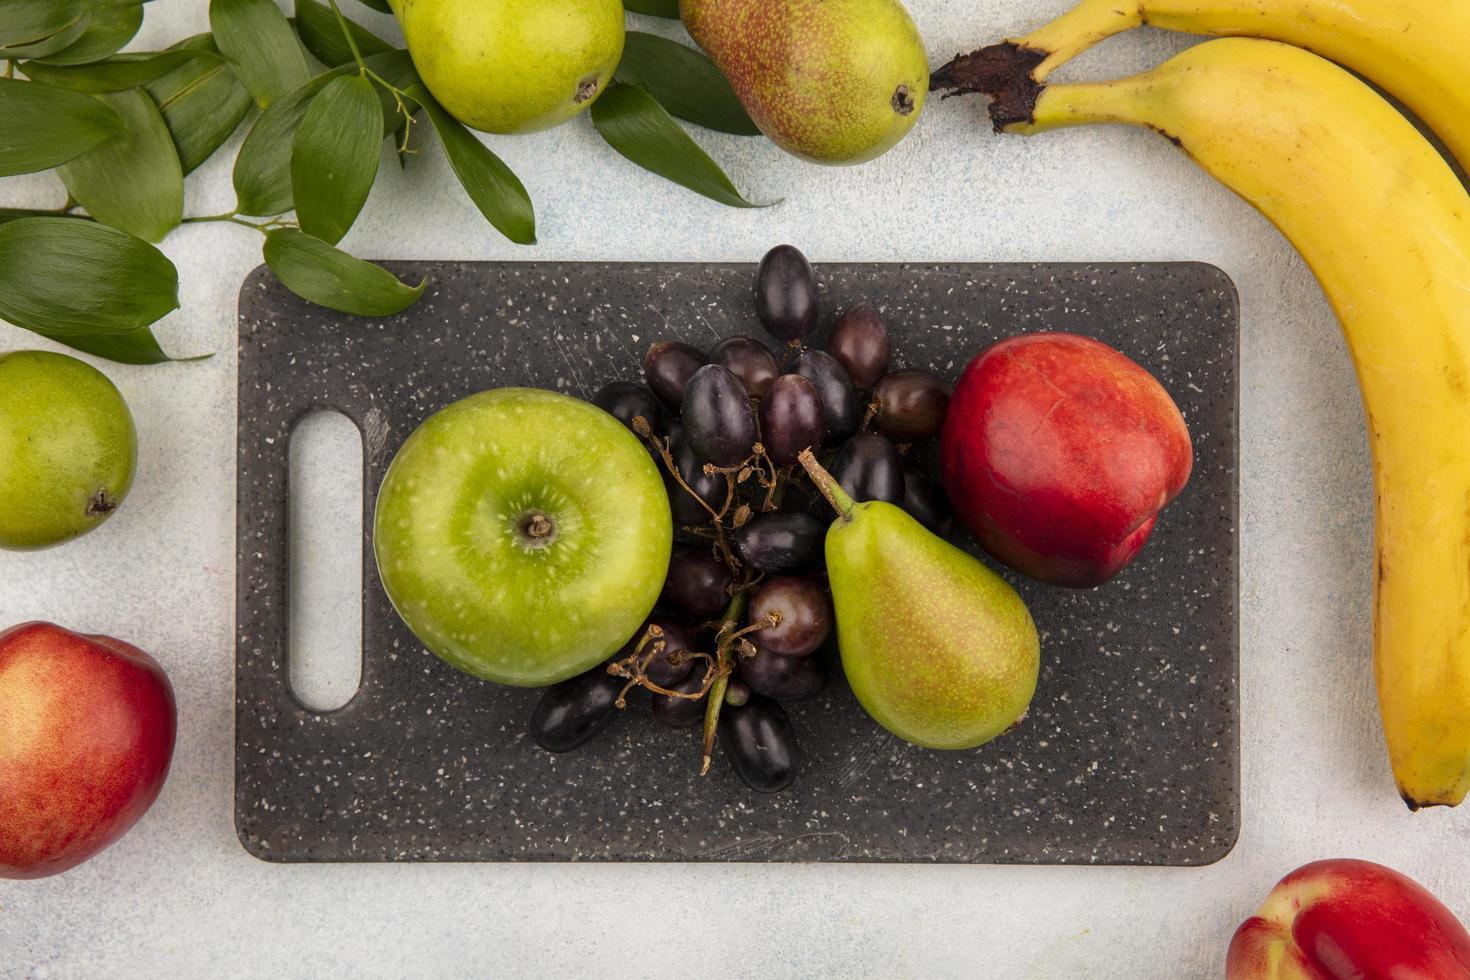 geassorteerde fruit op snijplank op neutrale achtergrond foto